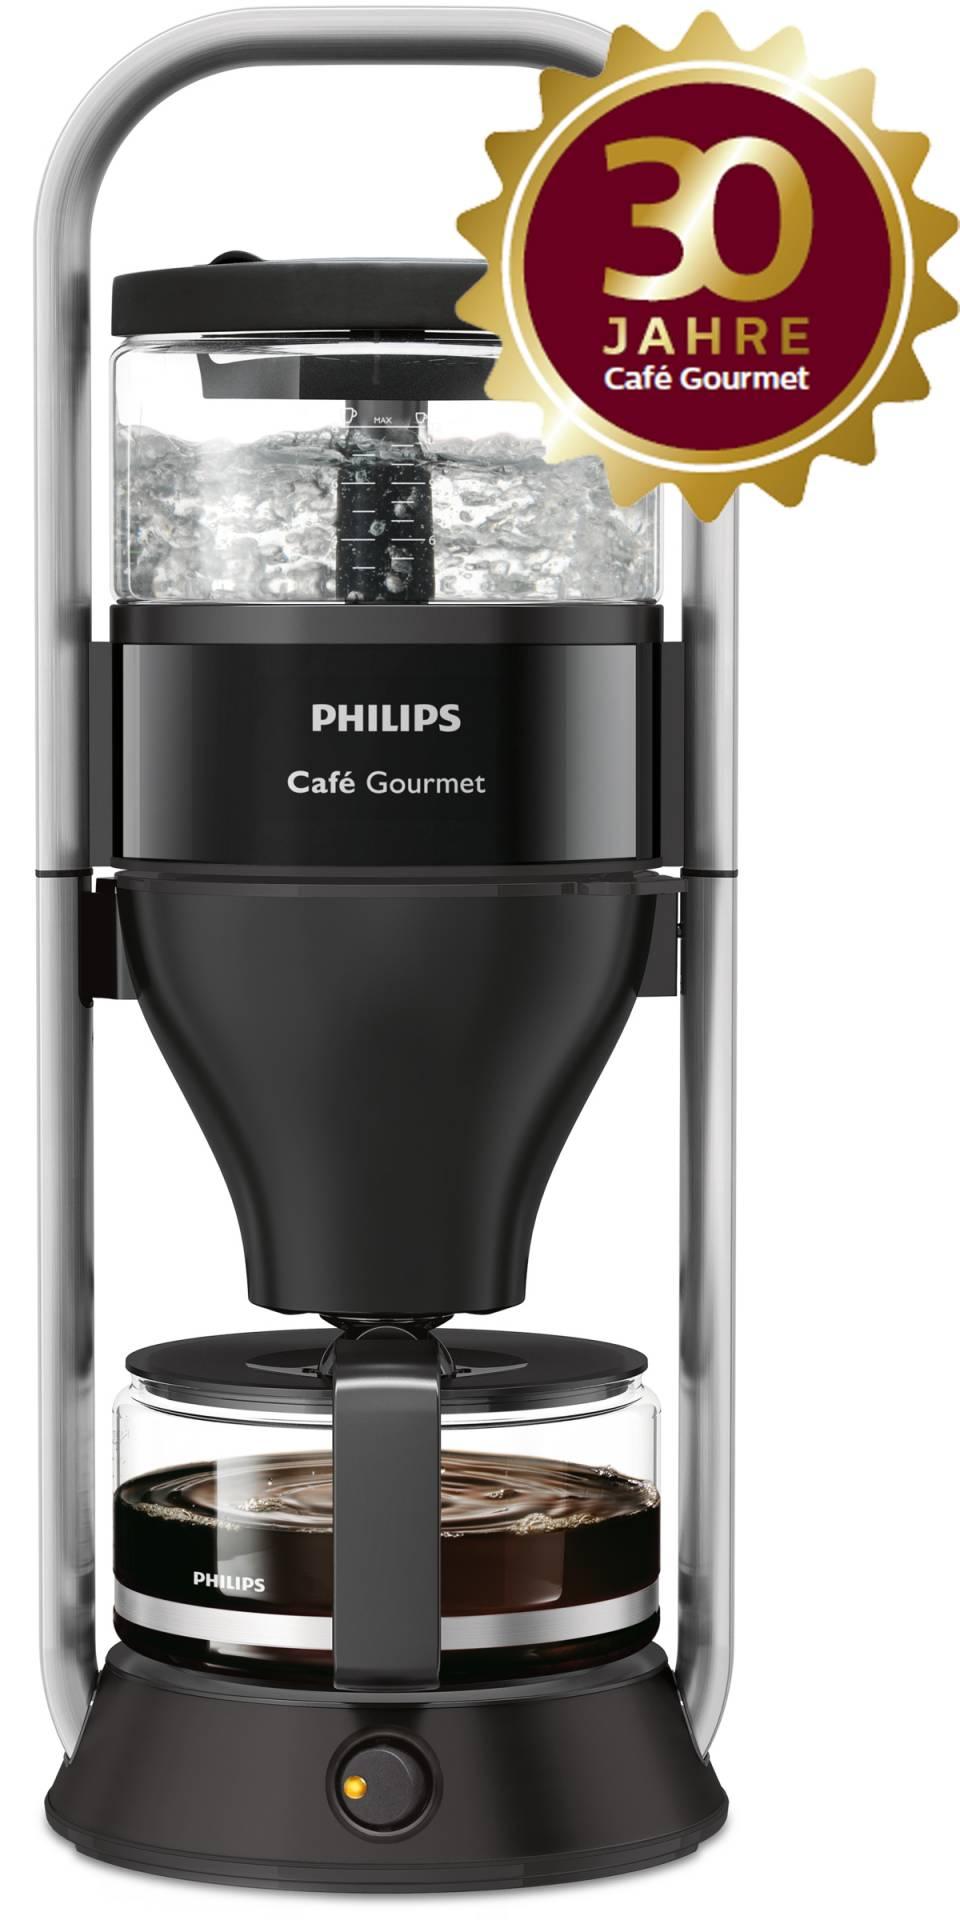 Seit 30 Jahren erfolgreich: Café Gourmet.